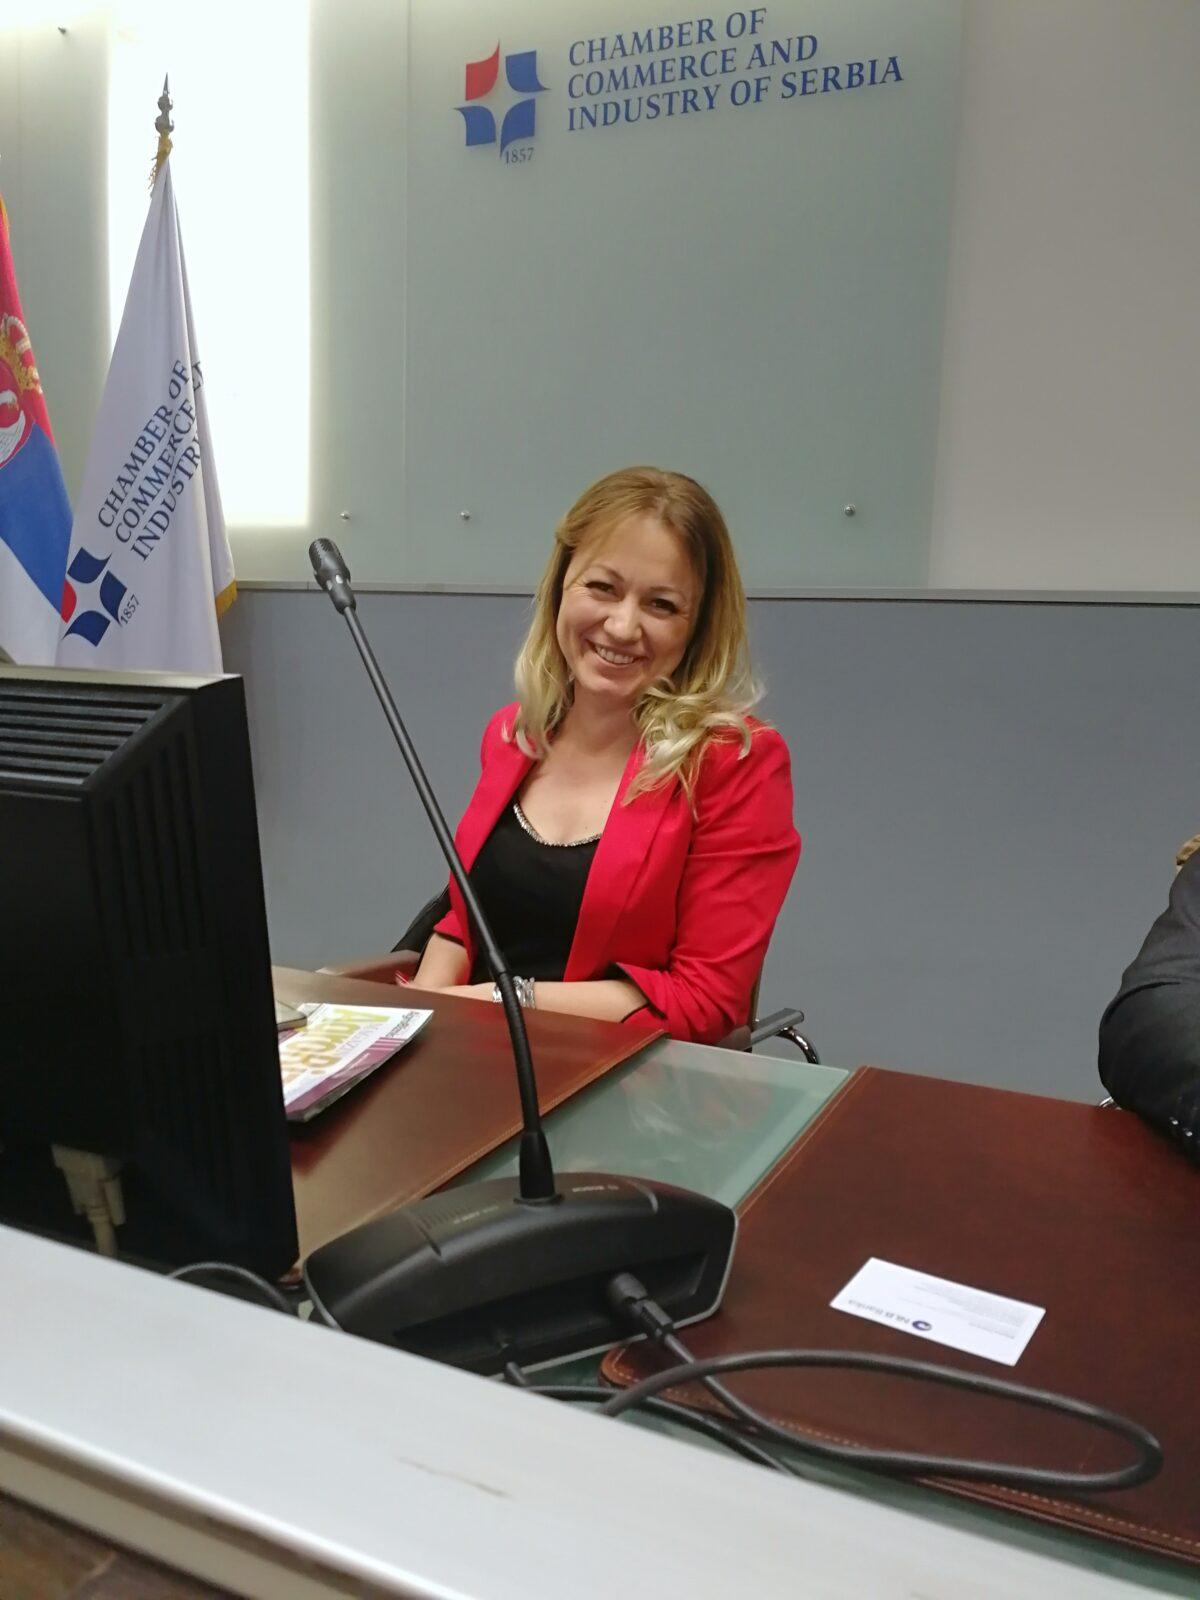 Ilustracija: Biljana Petrovič, foto: Svetlana Kovačević